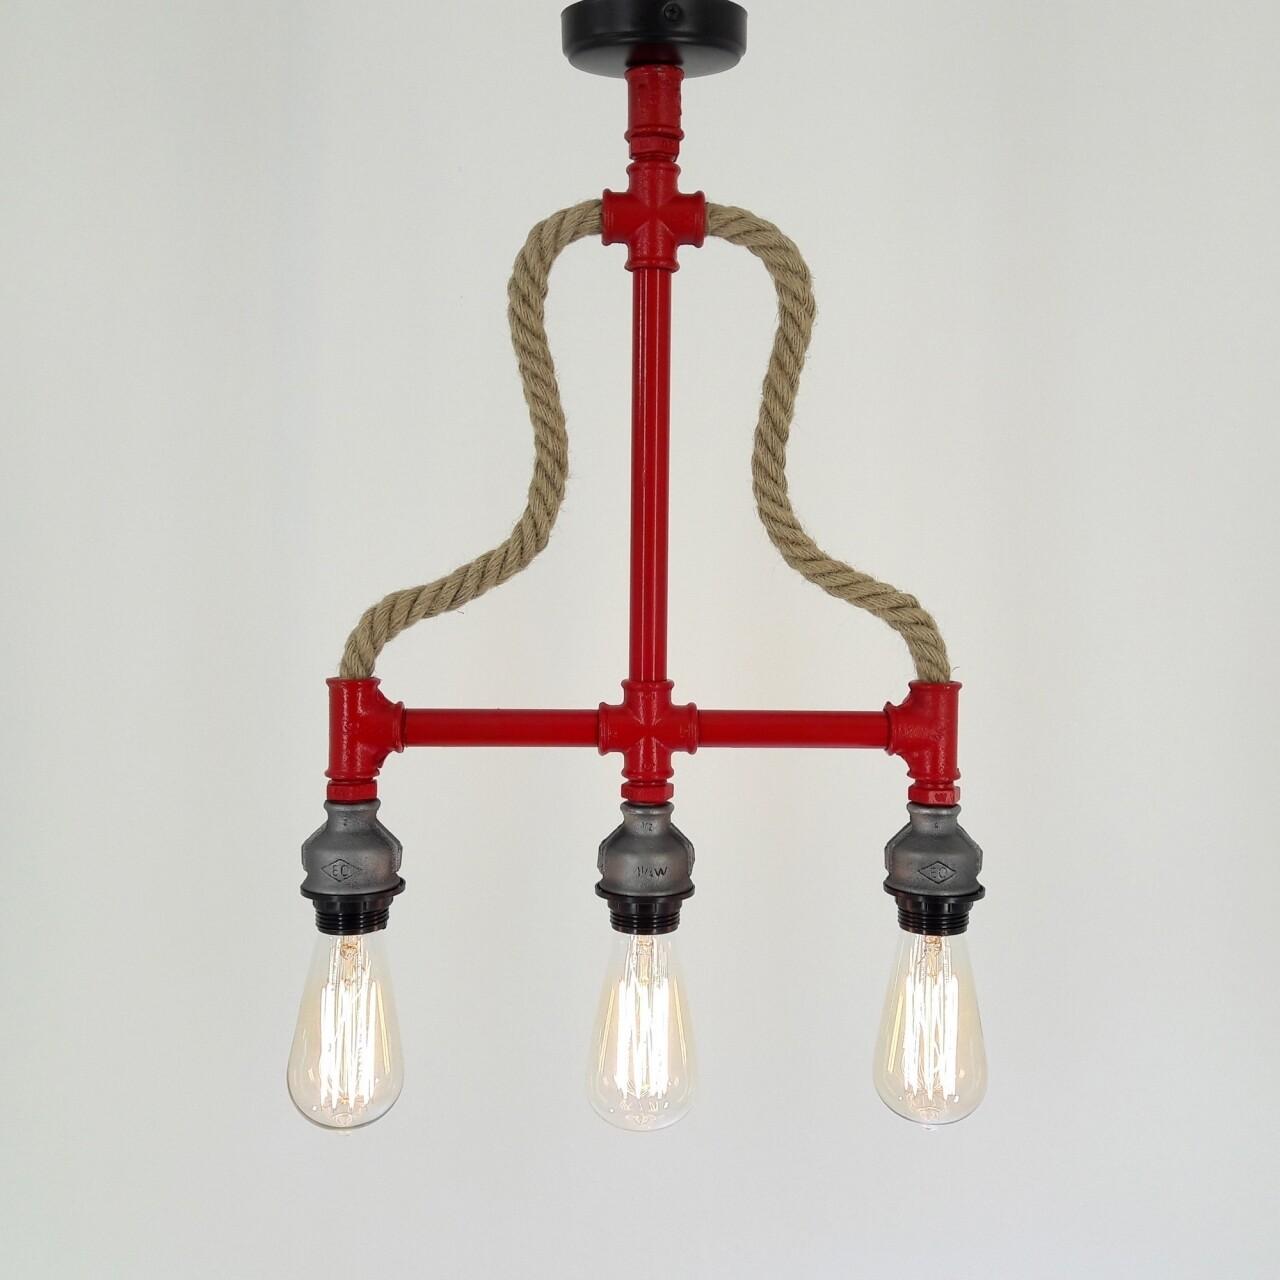 Candelabru All Design, metal, 38x50 cm, Red